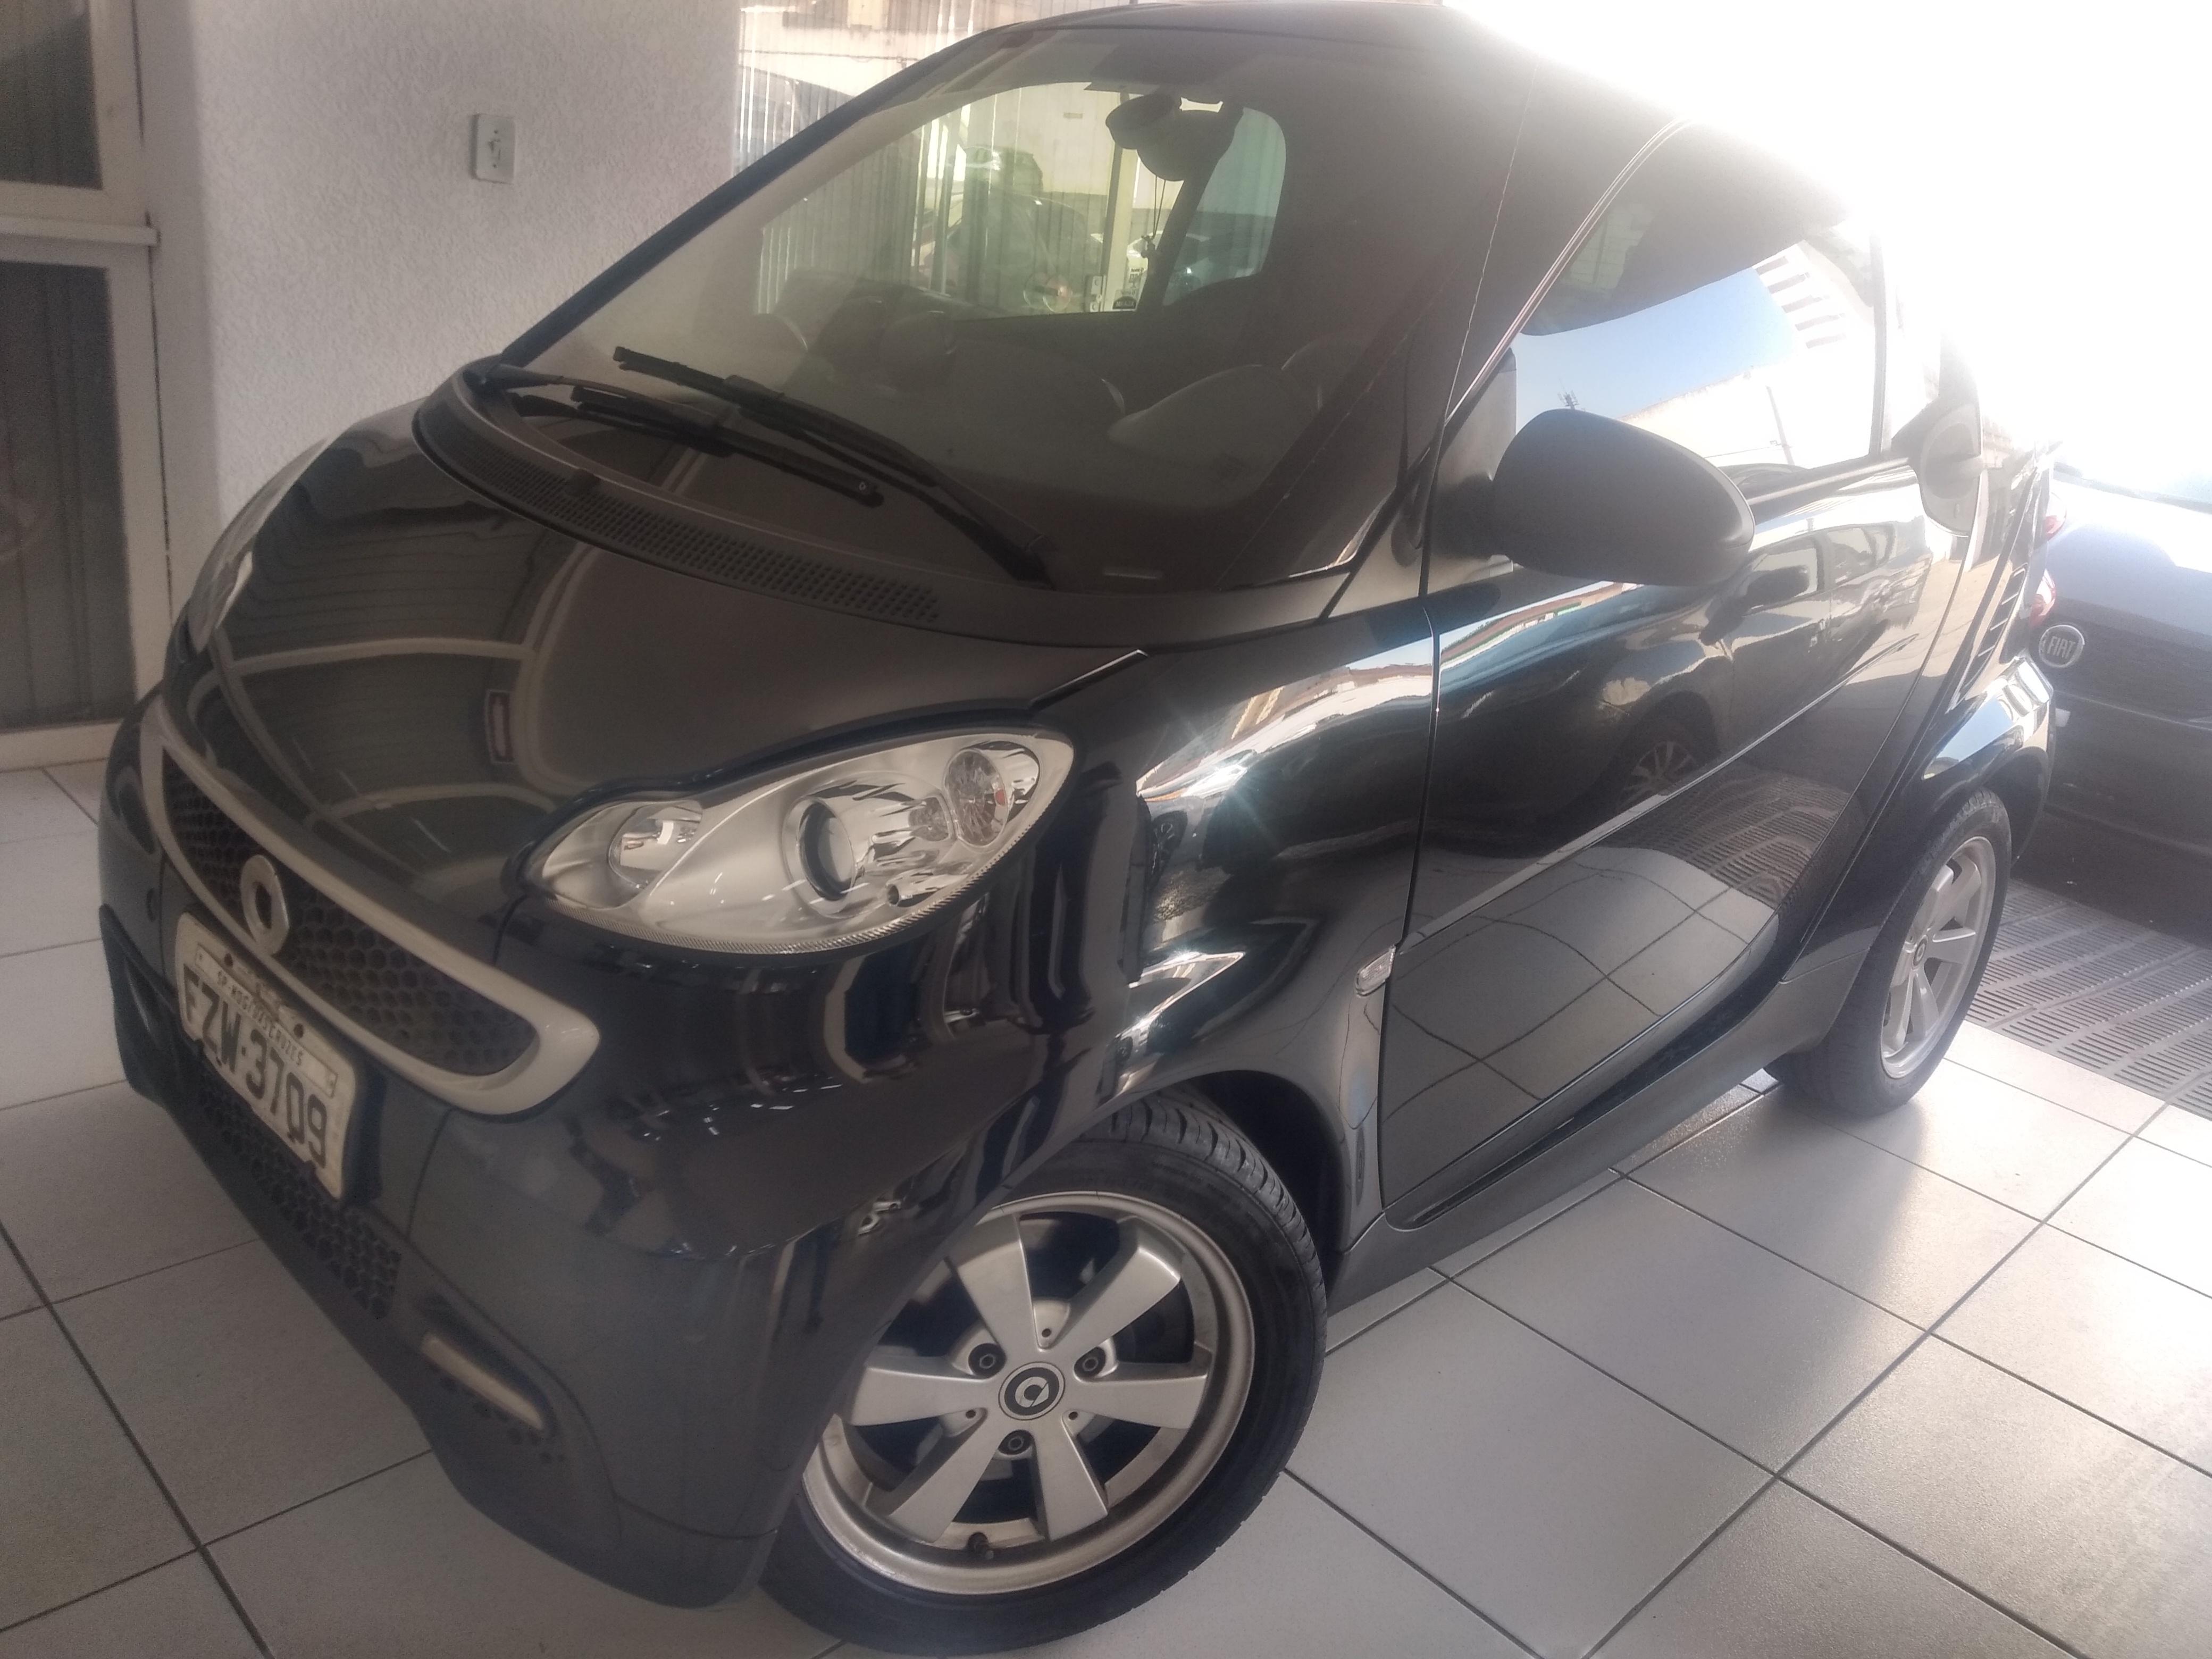 FIAT AMAZONAS IPIRANGA AV.NAZARE,1070 VENDEDOR MARCOS CEL/SAP 11-940006972 RAMAL 11-21443021...VEICULO COM LAUDO APROVADO E GARANTIA...